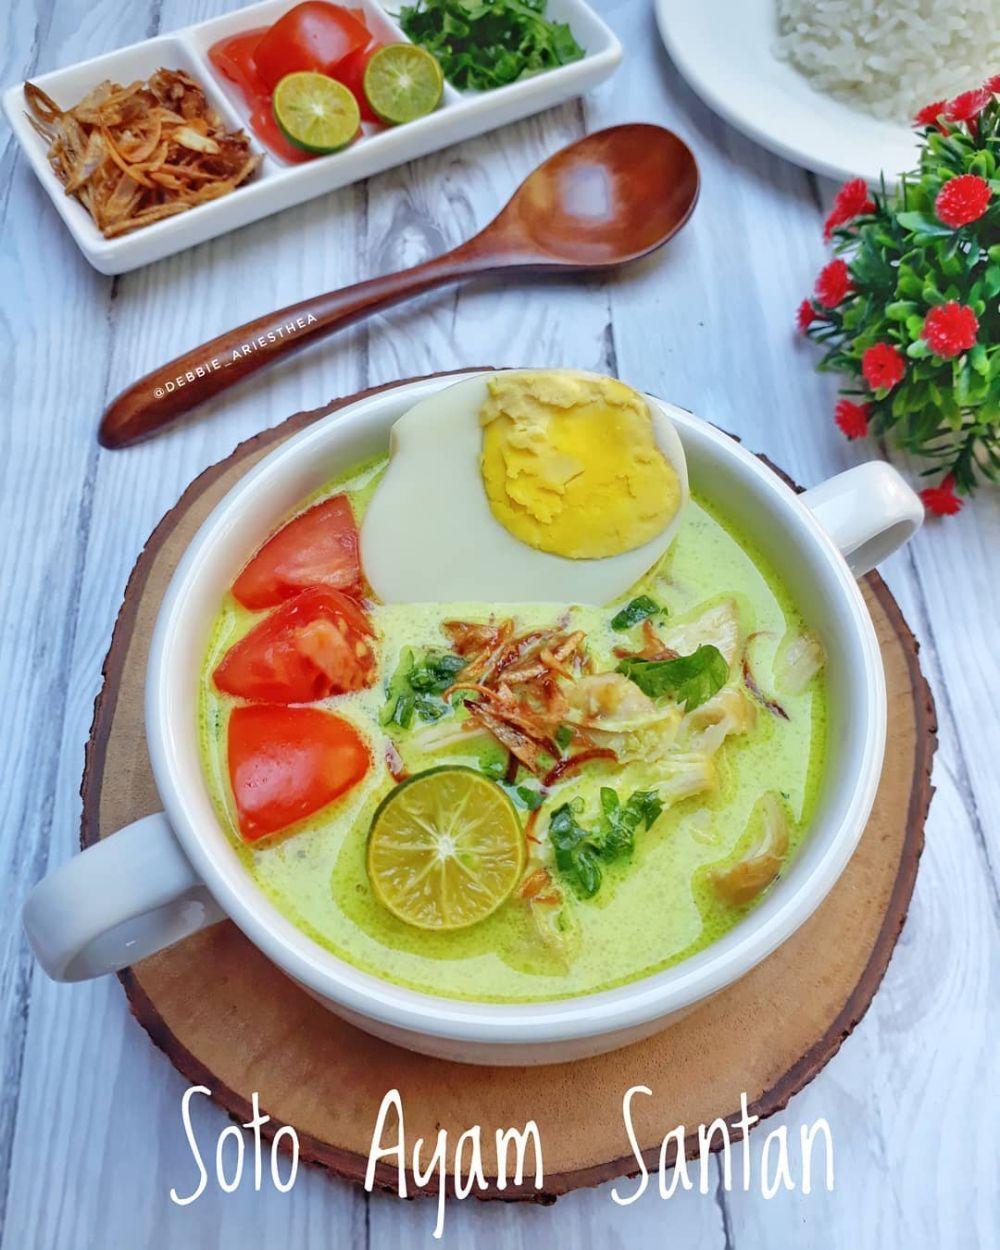 Resep Soto Ayam Santan Instagram Di 2020 Makanan Dan Minuman Resep Masakan Indonesia Resep Masakan